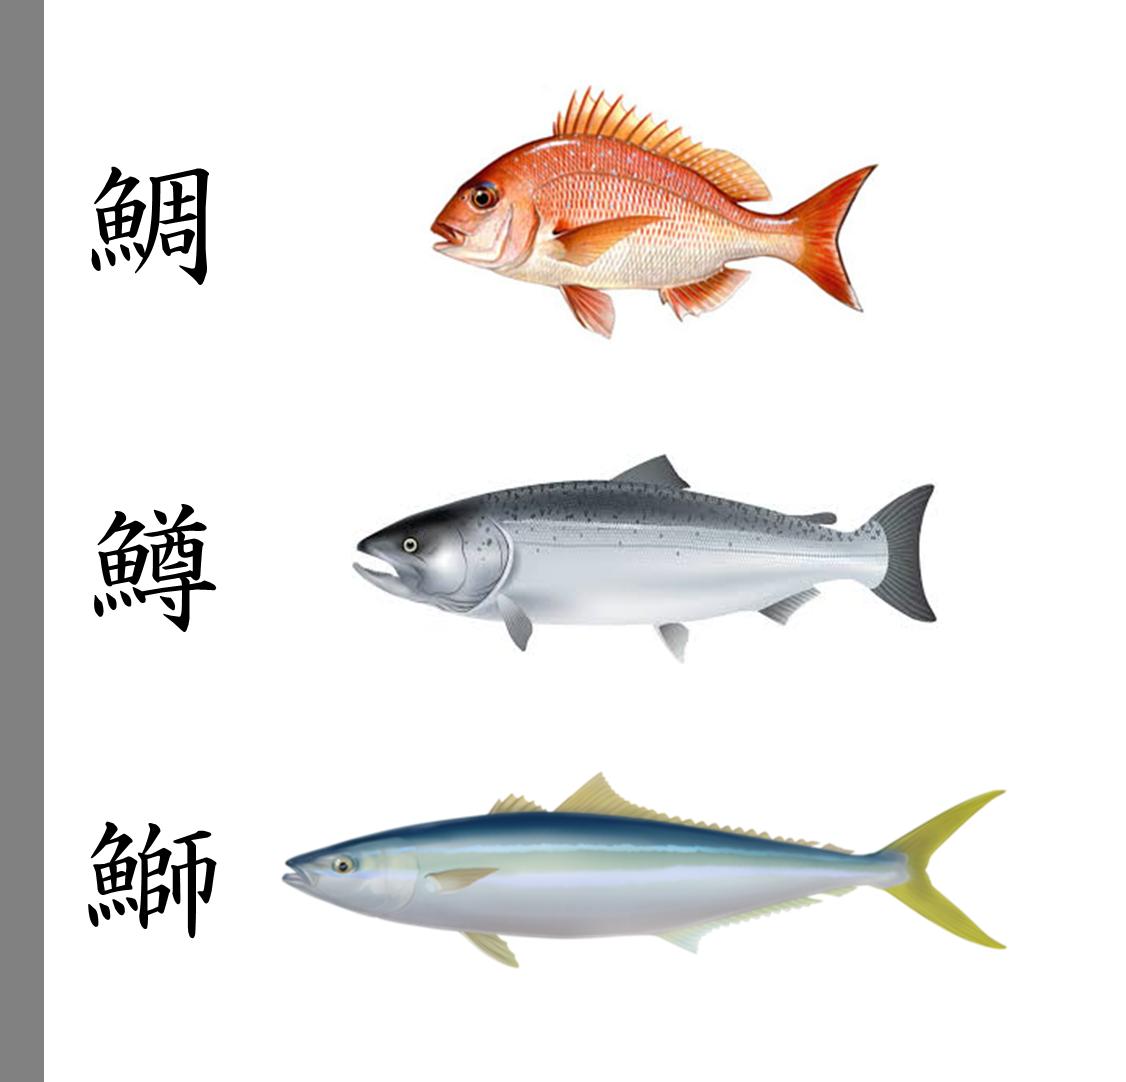 あなたの願望を実現する鯛鱒鱒の法則とは?